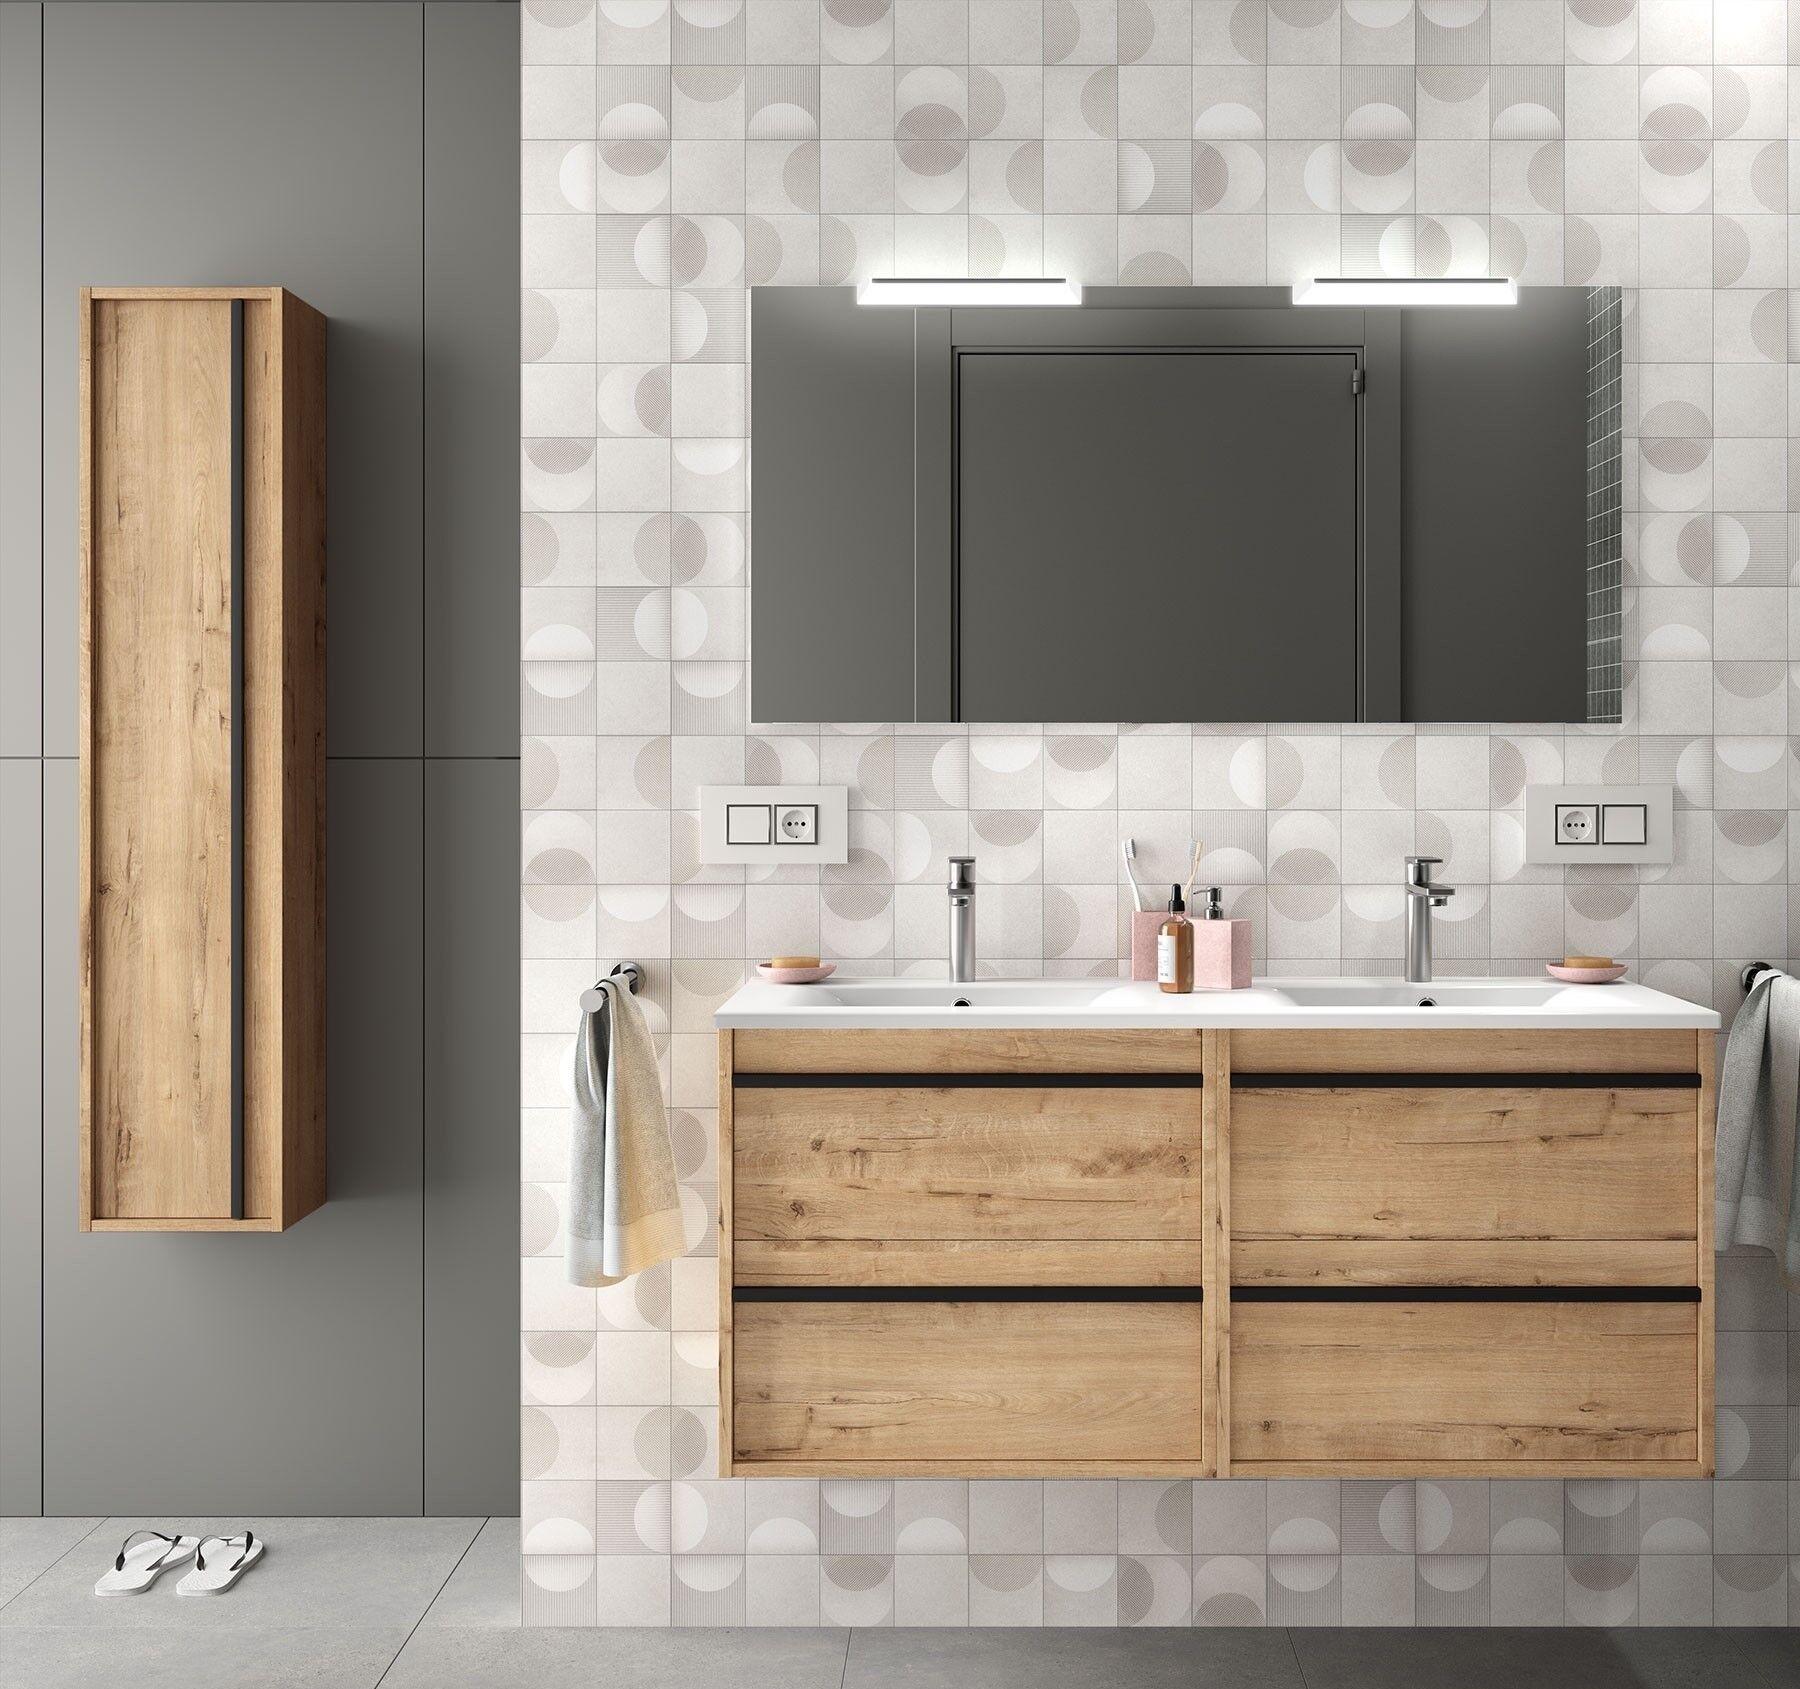 CAESAROO Meuble de salle de bain suspendu 120 cm en bois couleur chêne claire avec lavabo en porcelaine   120 cm - Avec double colonne